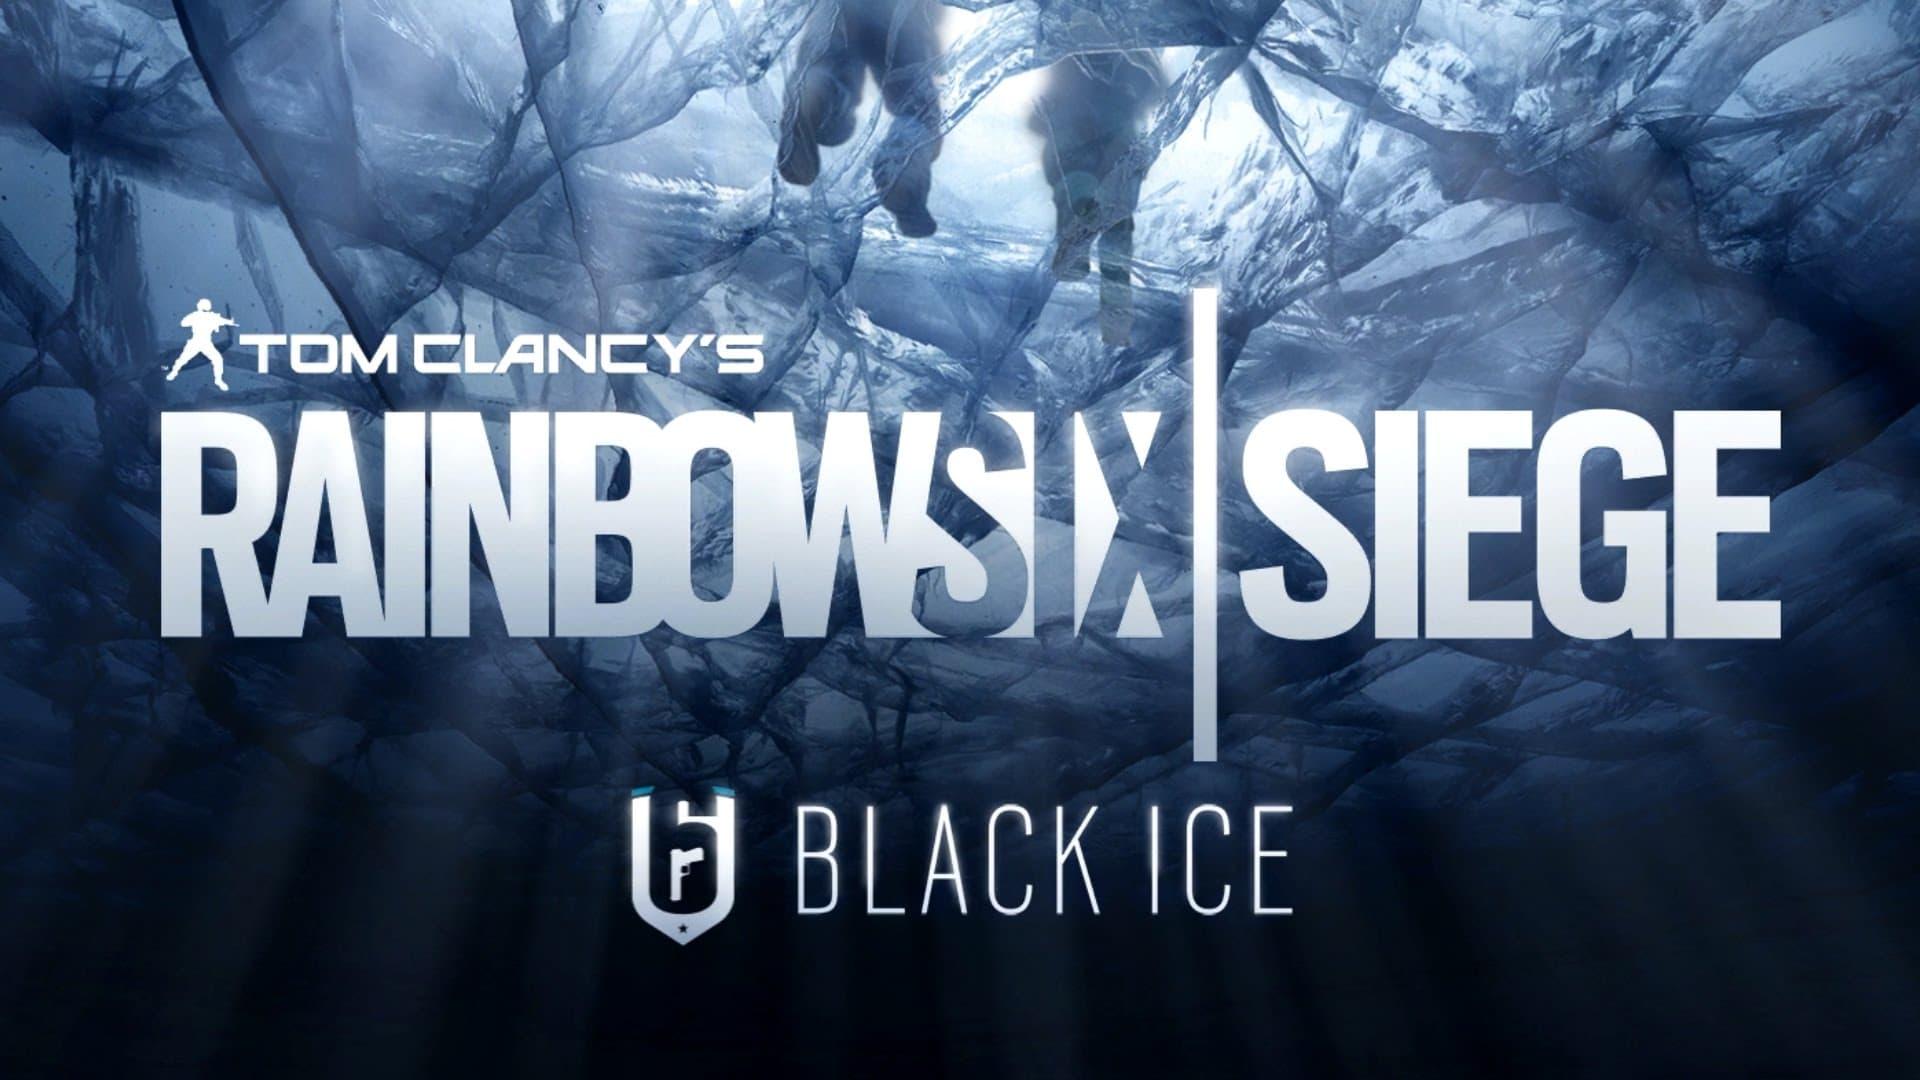 Tom Clancy's Rainbow Six Siege Xbox